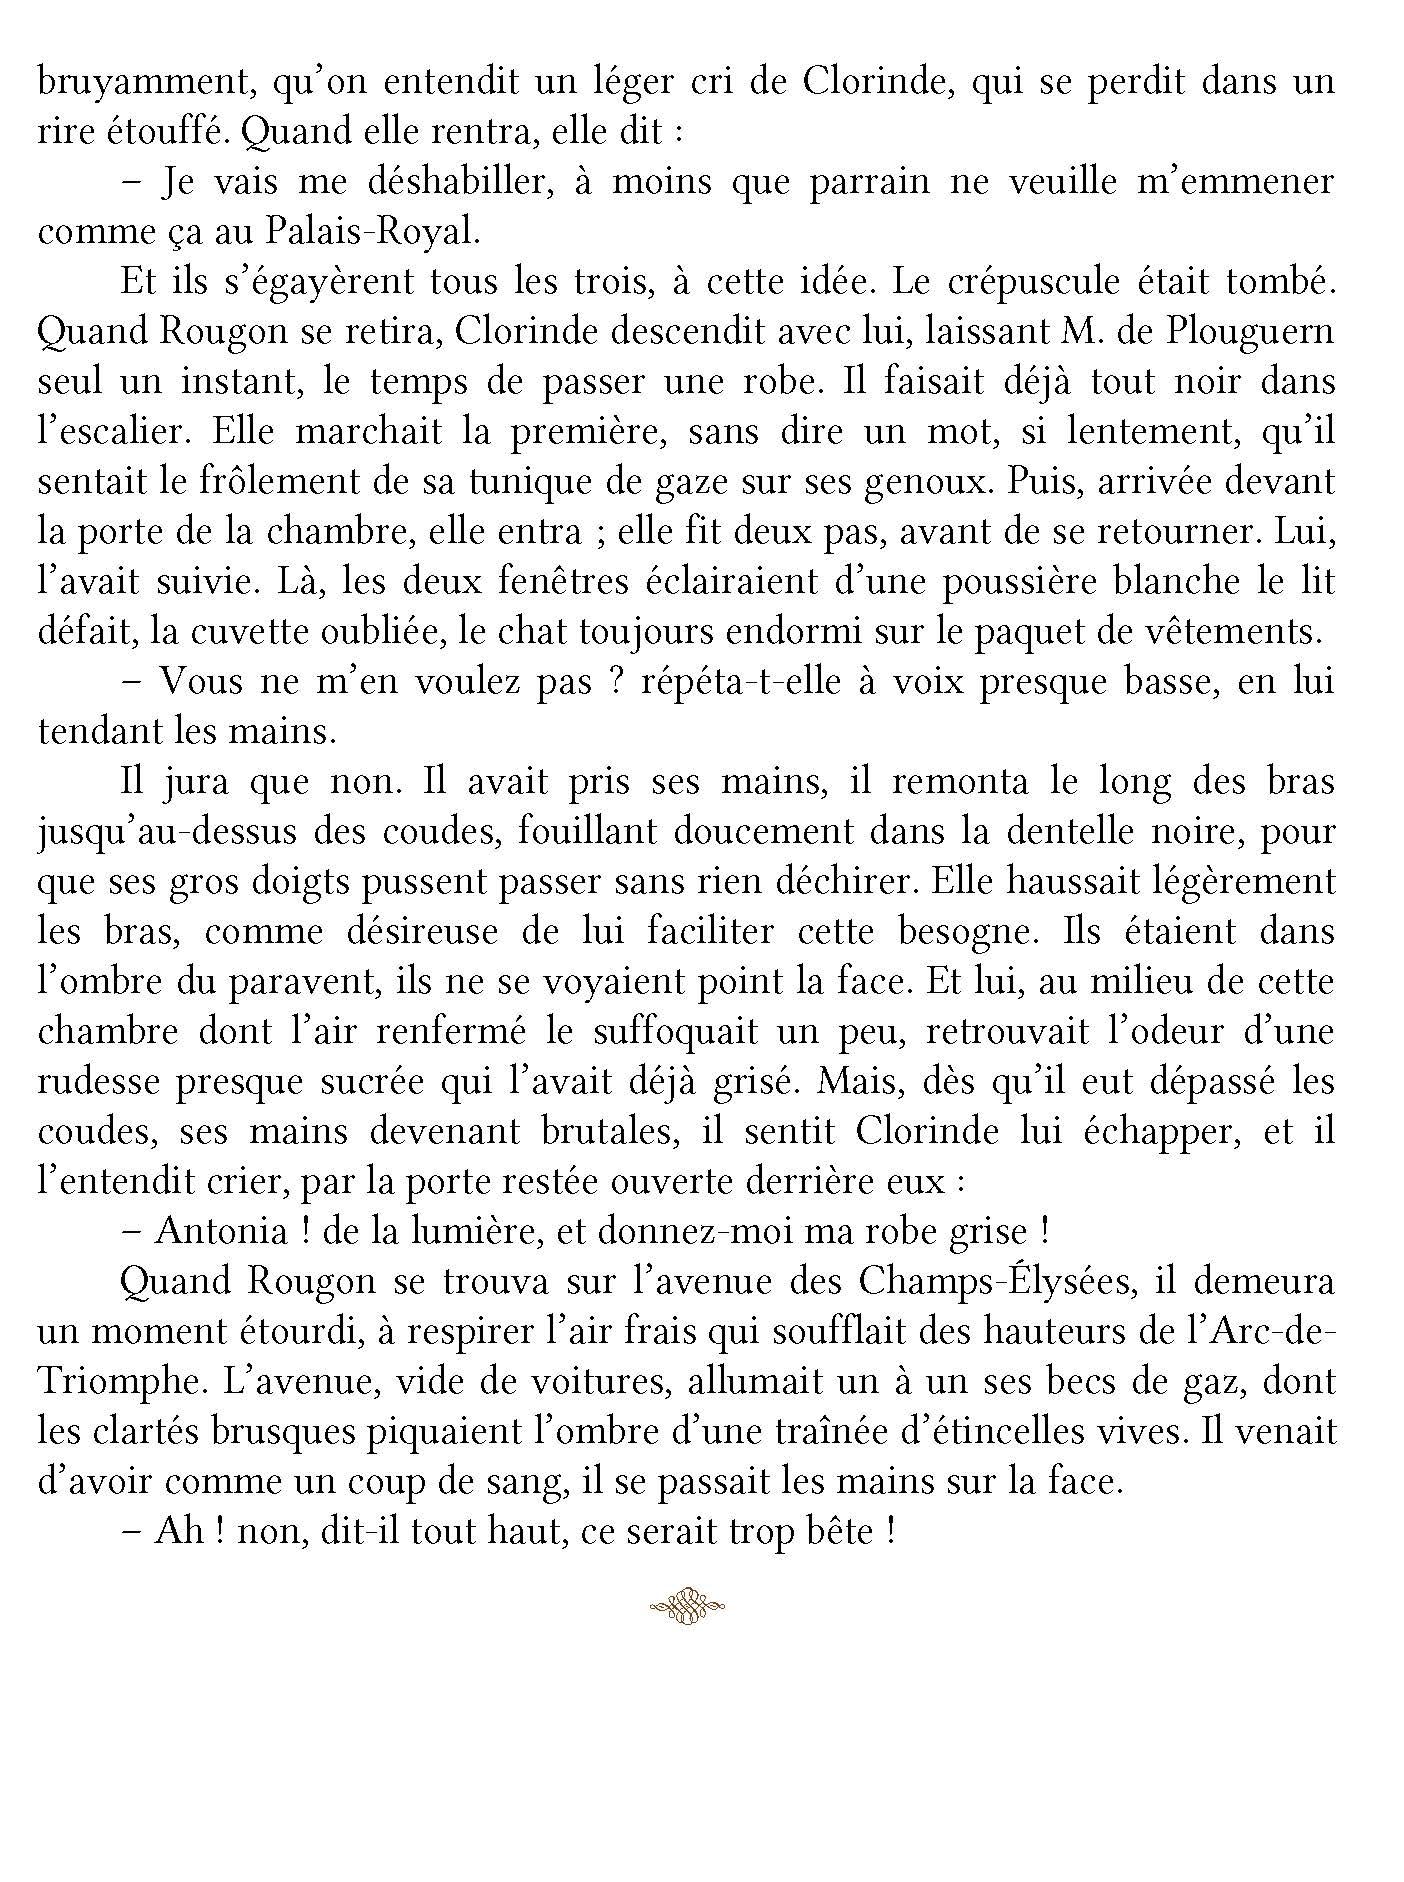 Son Excellence Eugène Rougon PDF Émile Zola, livre en ligne 3